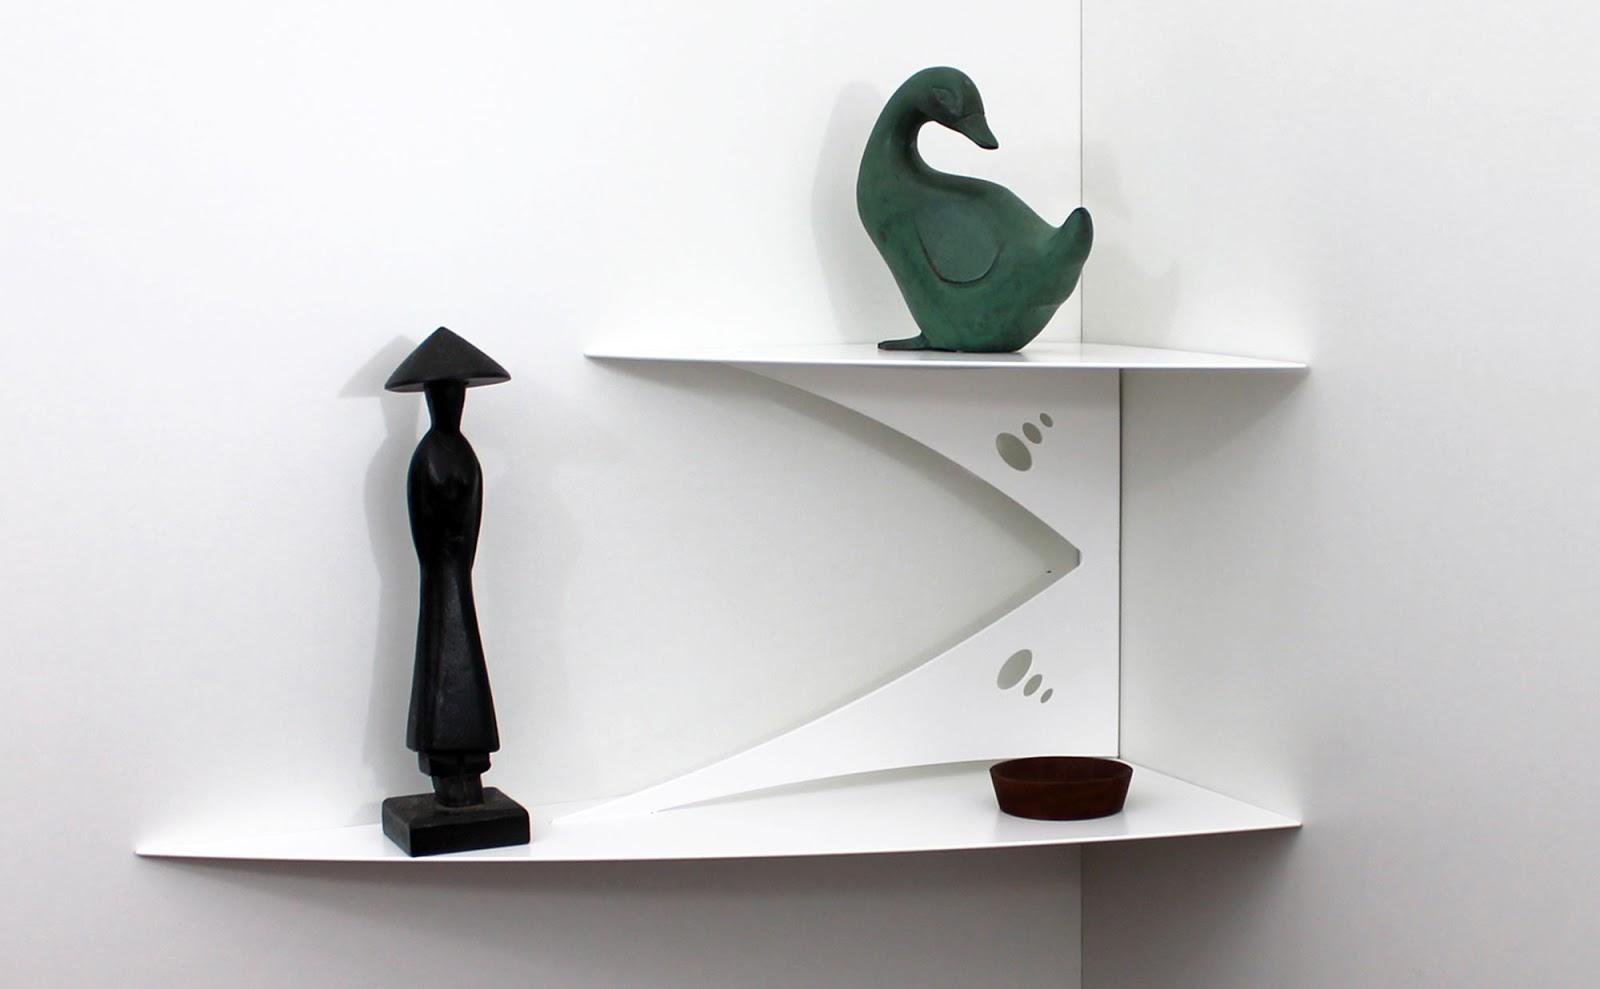 Objectal objets design pour d coration d 39 int rieur - Tablette murale d angle ...